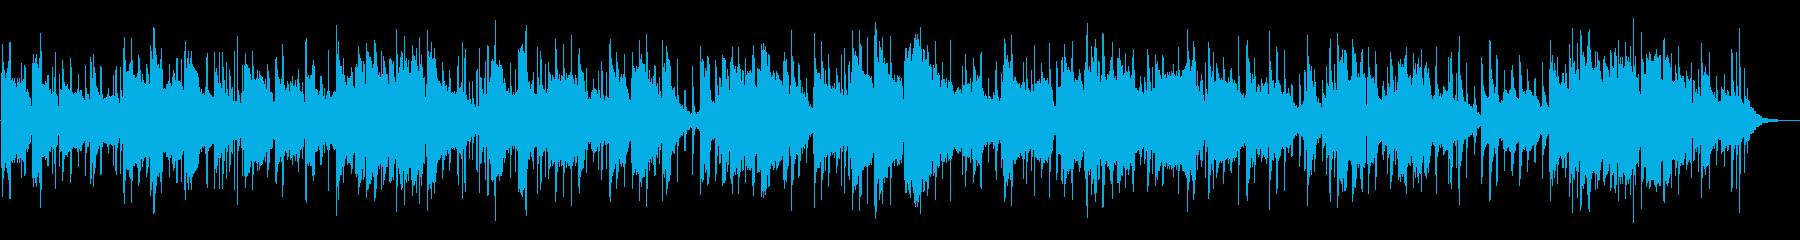 南国の情景のBGM① の再生済みの波形